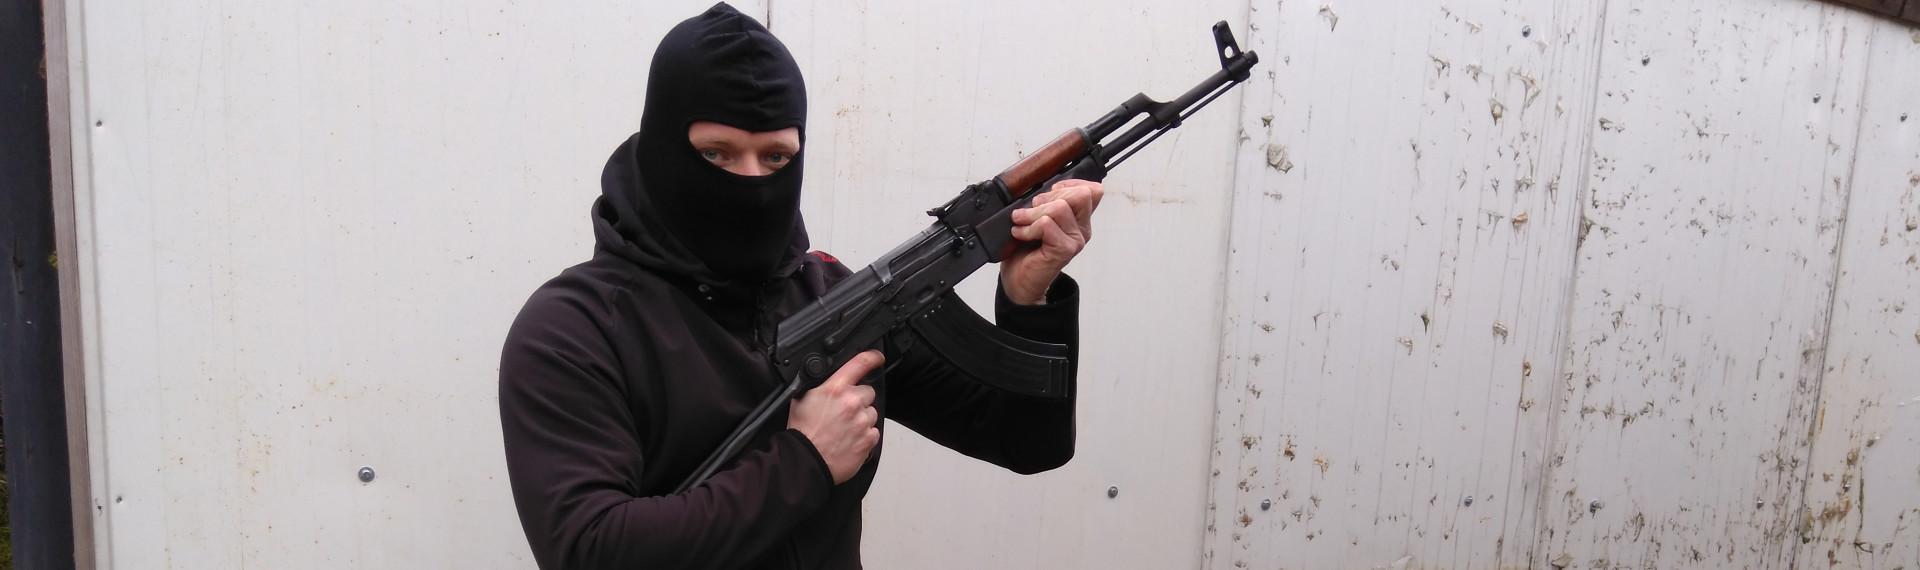 Kalashnikov Skydning Prag